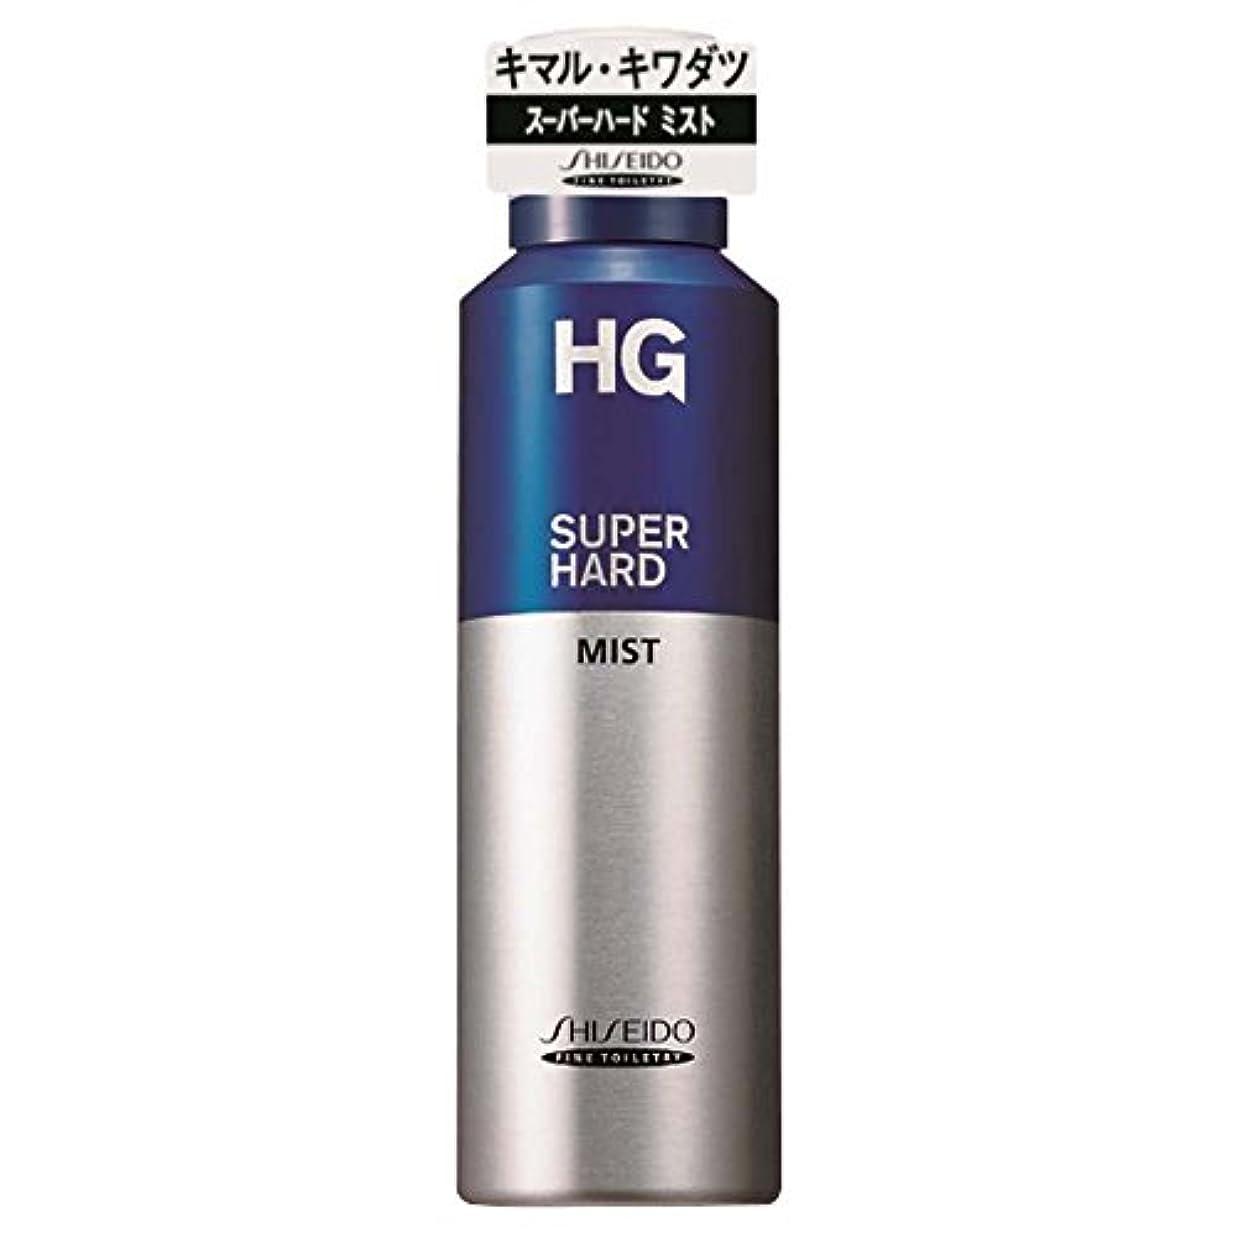 振る舞う誘惑新聞HG スーパーハードミストa 150g